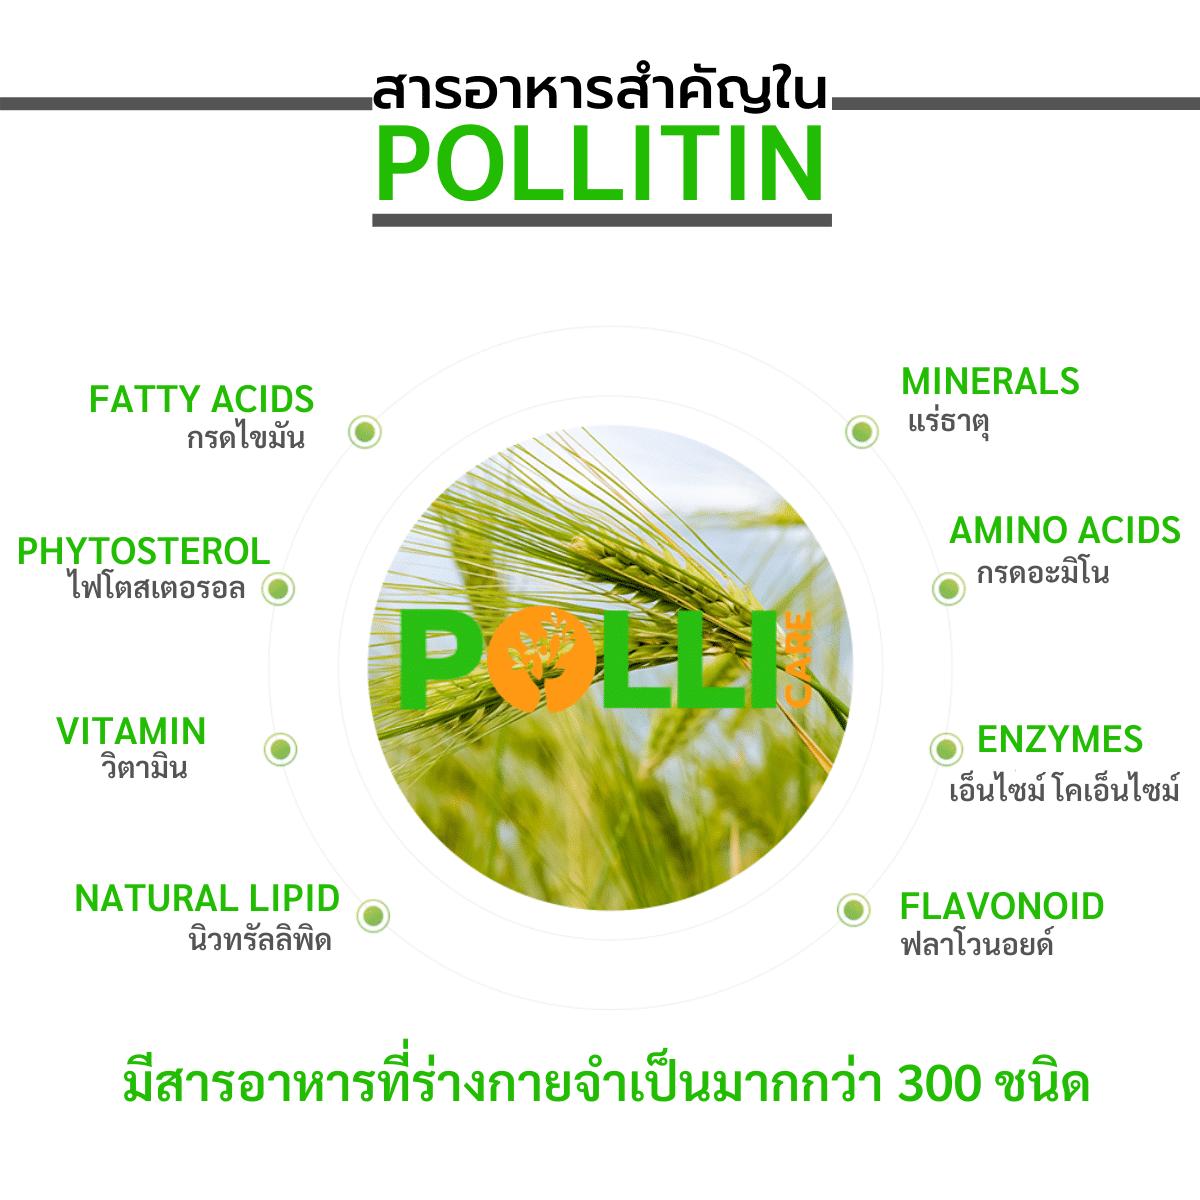 สารอาหารใน พอลลิติน